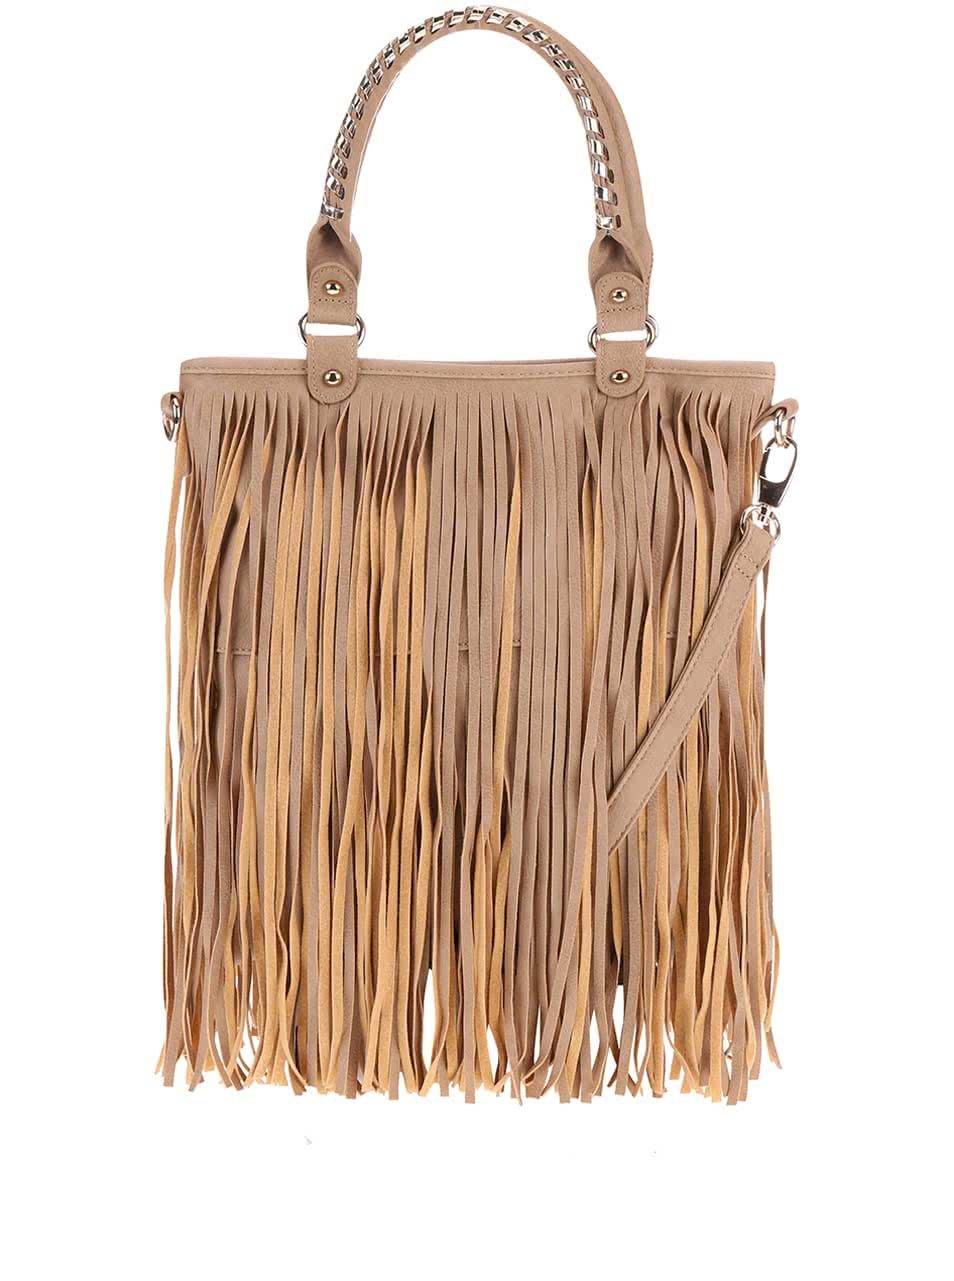 Béžová kabelka so strapcami Gessy ... 1e0f4d845cc